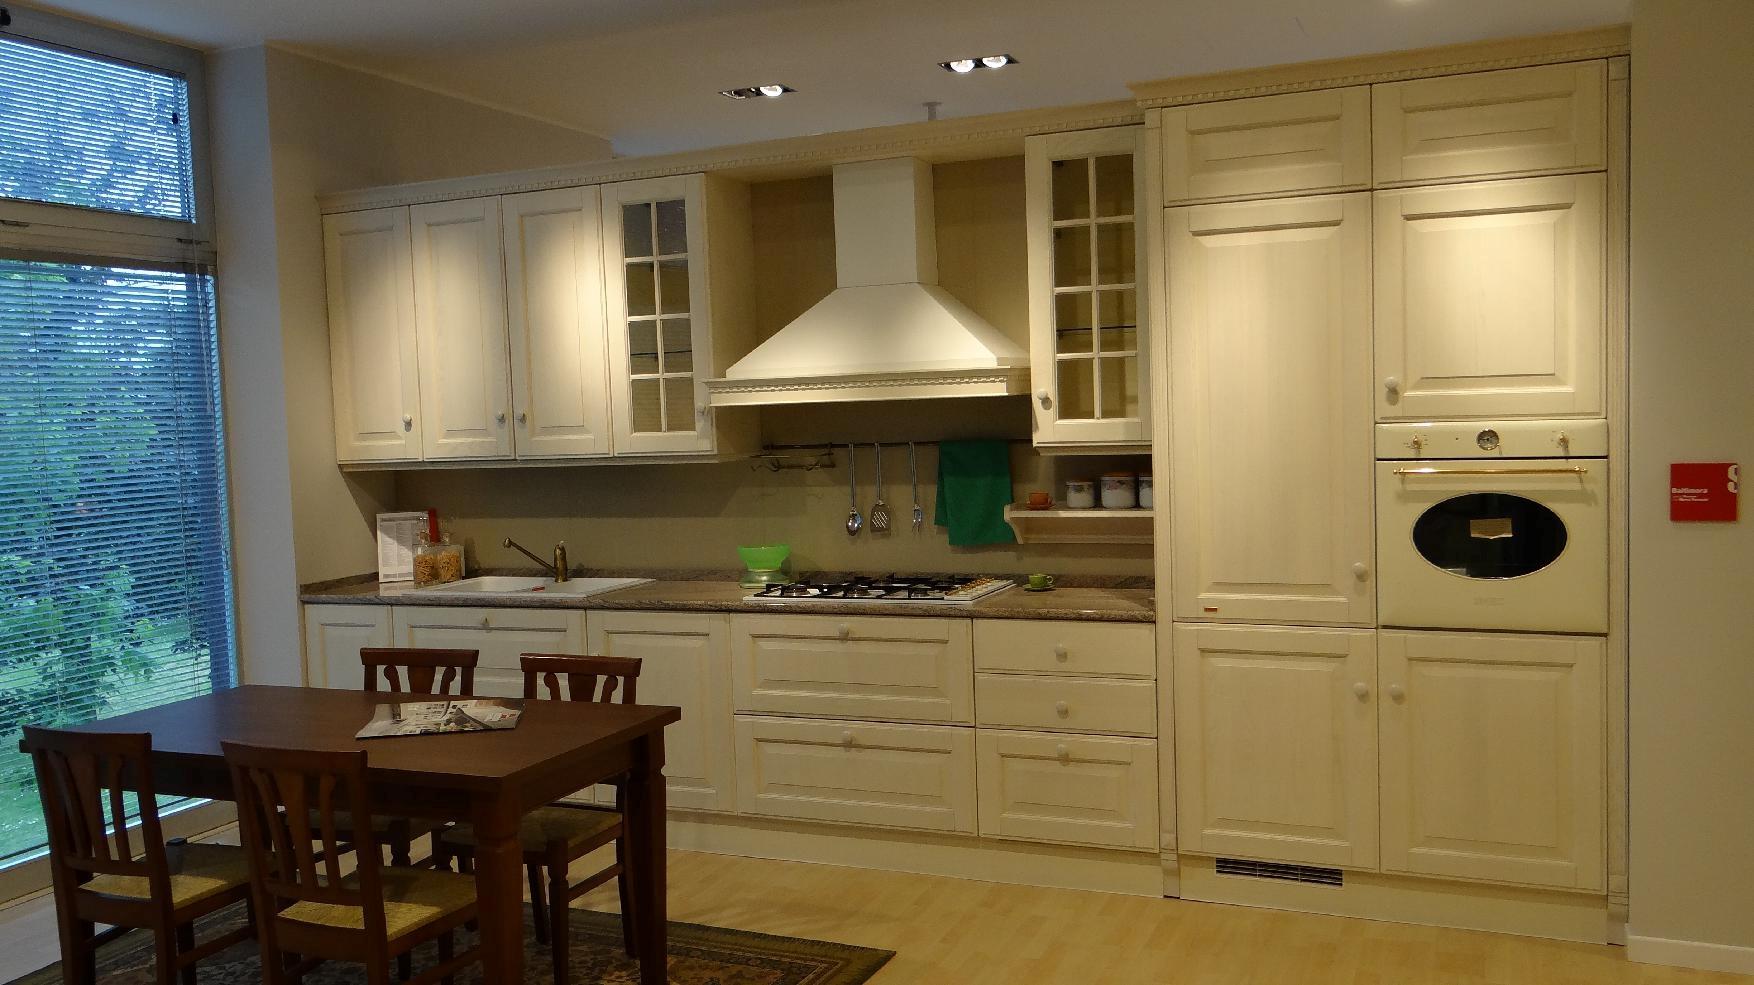 Pittura per cucina classica - Cucina scavolini classica ...